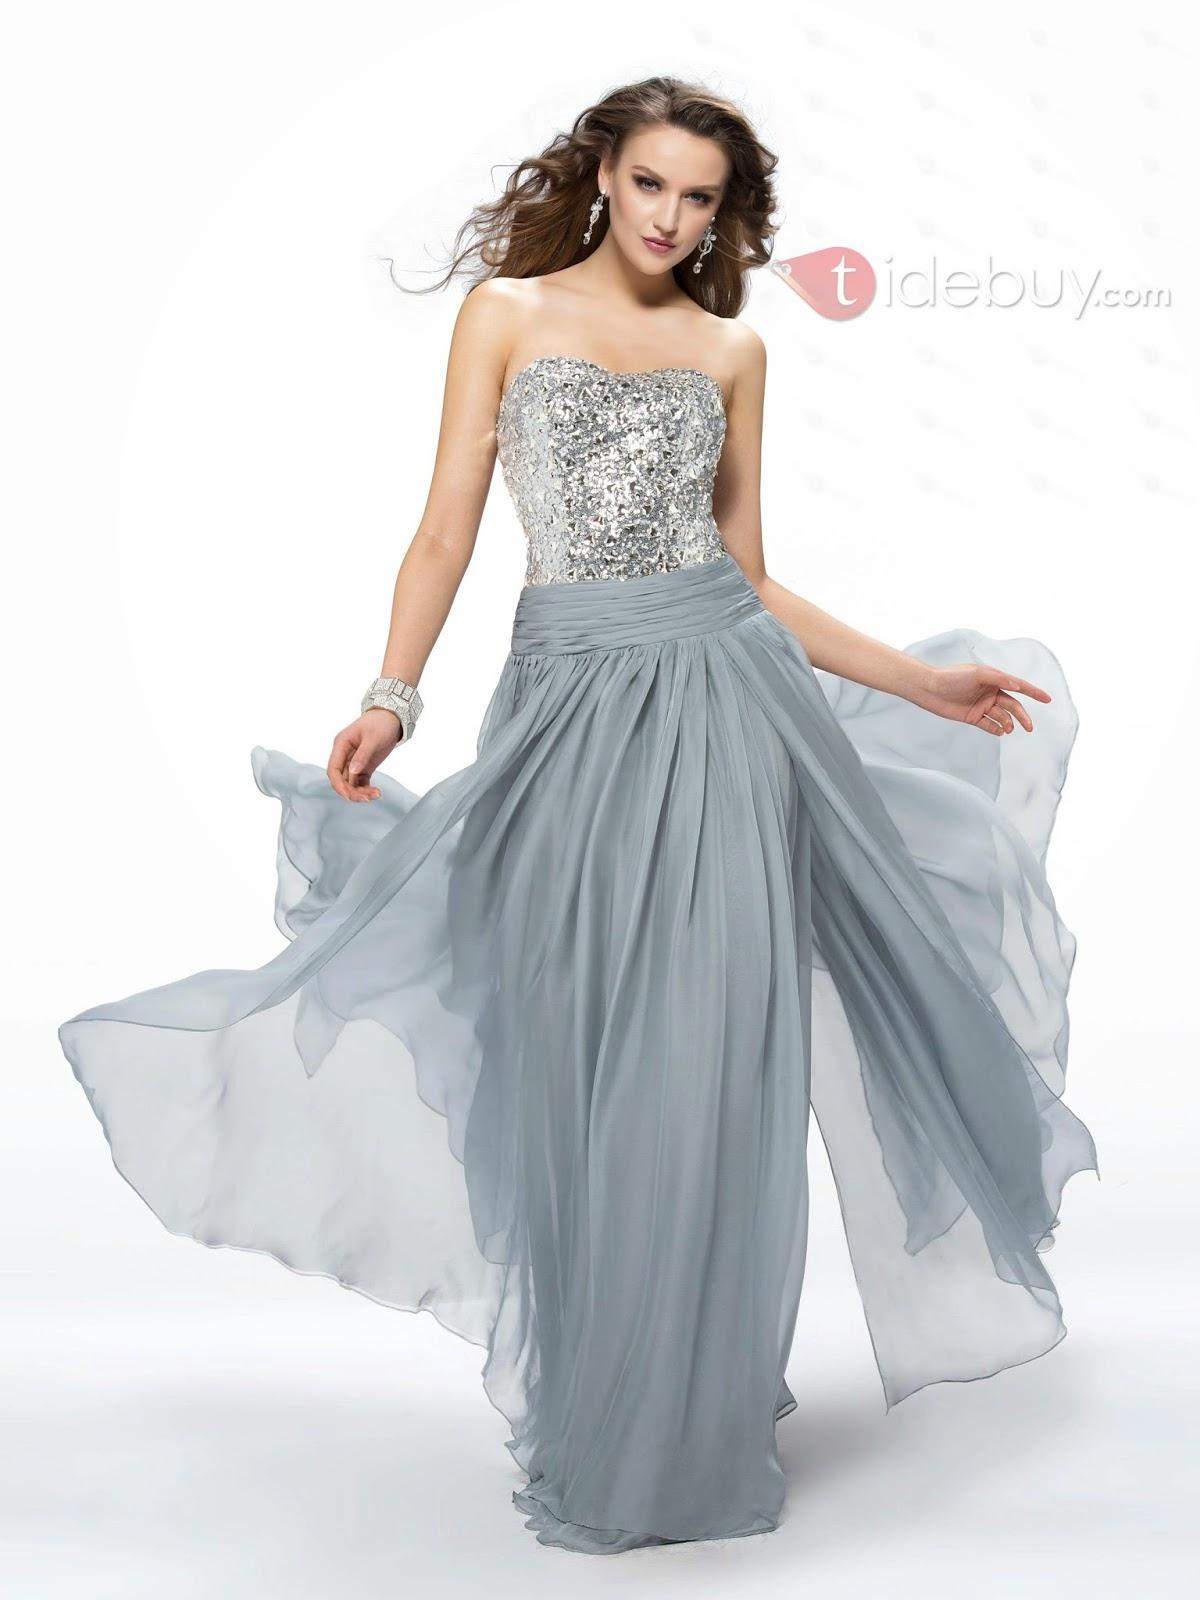 Gemütlich Tidebuy Prom Dresses Bilder - Hochzeit Kleid Stile Ideen ...